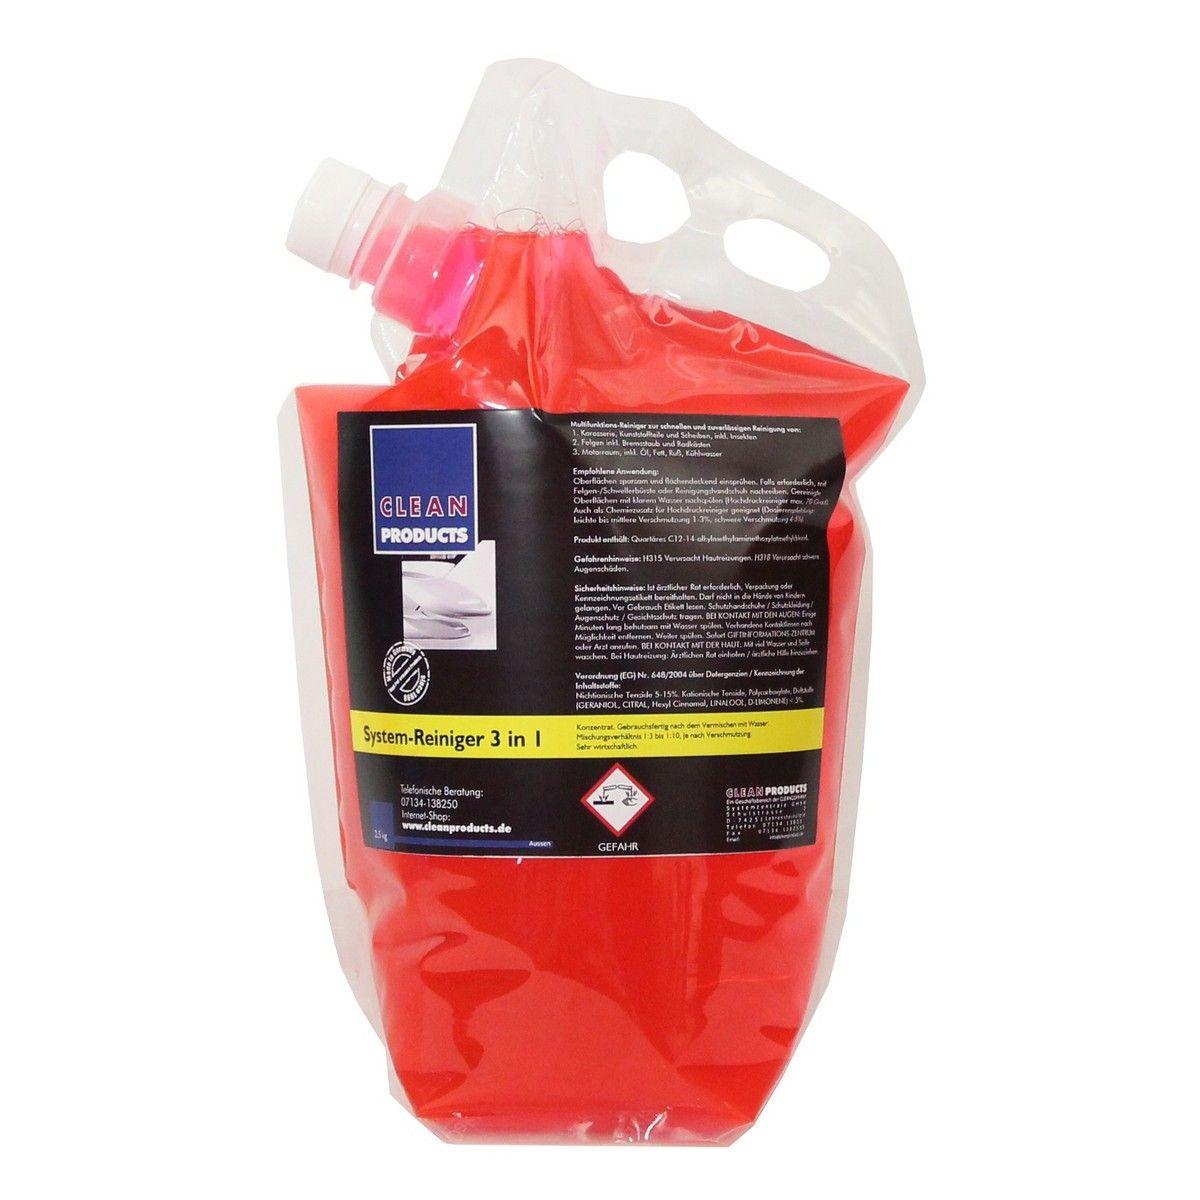 Cleanproducts Fahrzeug Außen Reiniger 3 In 1 Konzentrat 2 5 Kg Das Moderne Autoshampoo Shampoo Insekt Fahrzeugaufbereitung Fahrzeugpflege Felgenreiniger